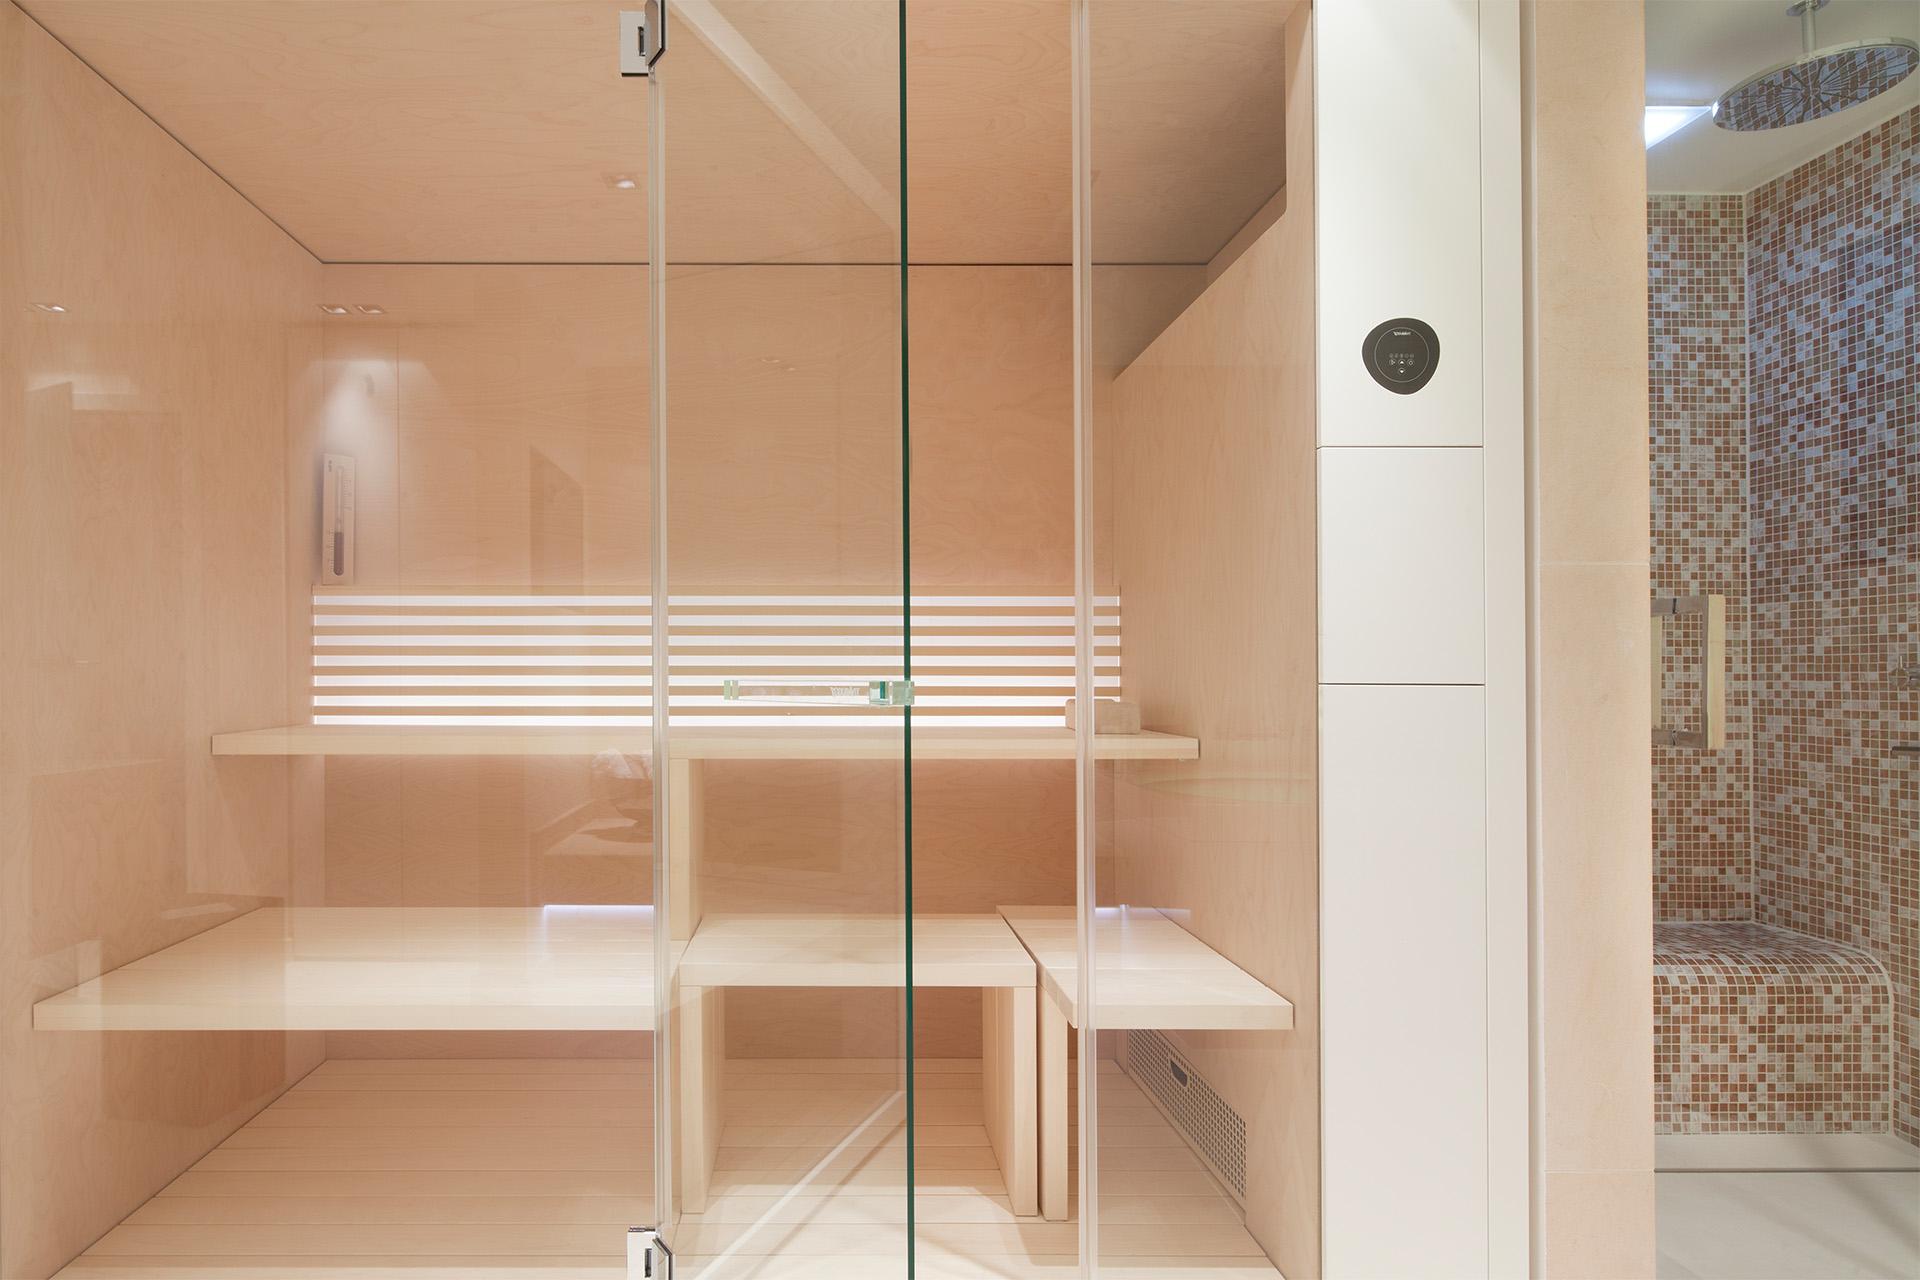 steinrücke fsb gmbh - bad + raum in perfektion: gesundheit im bad, Badezimmer ideen